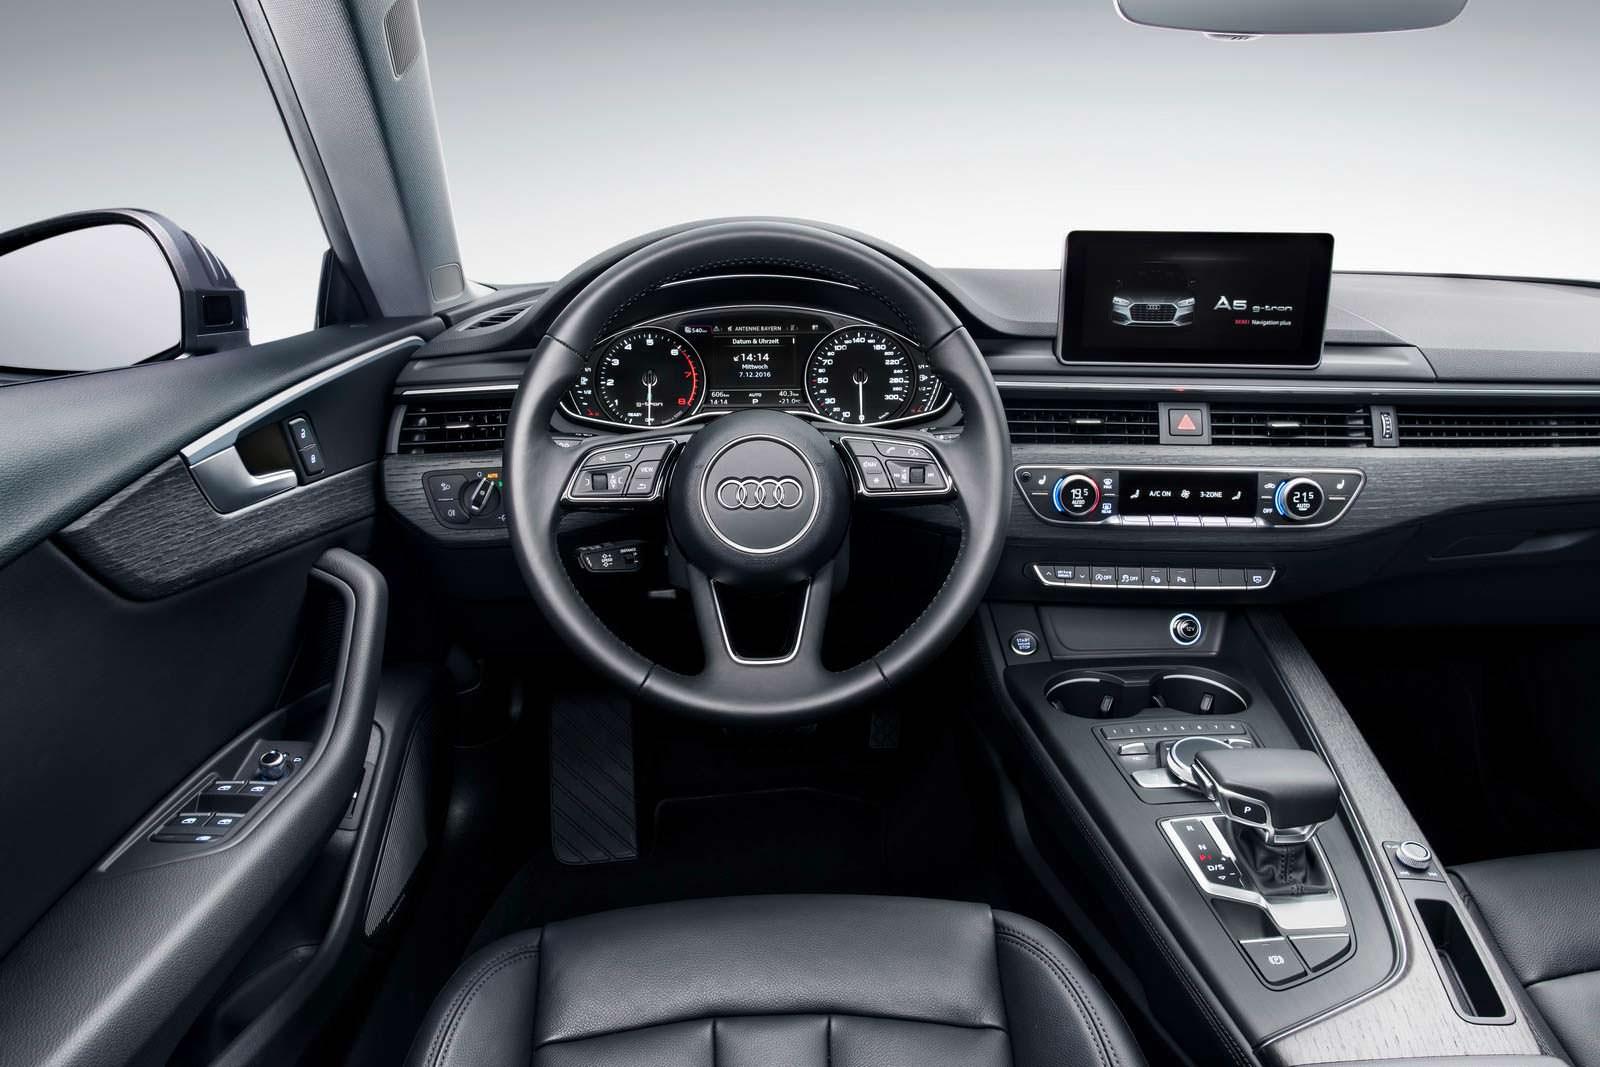 Фото салона Audi A4 Avant G-Tron